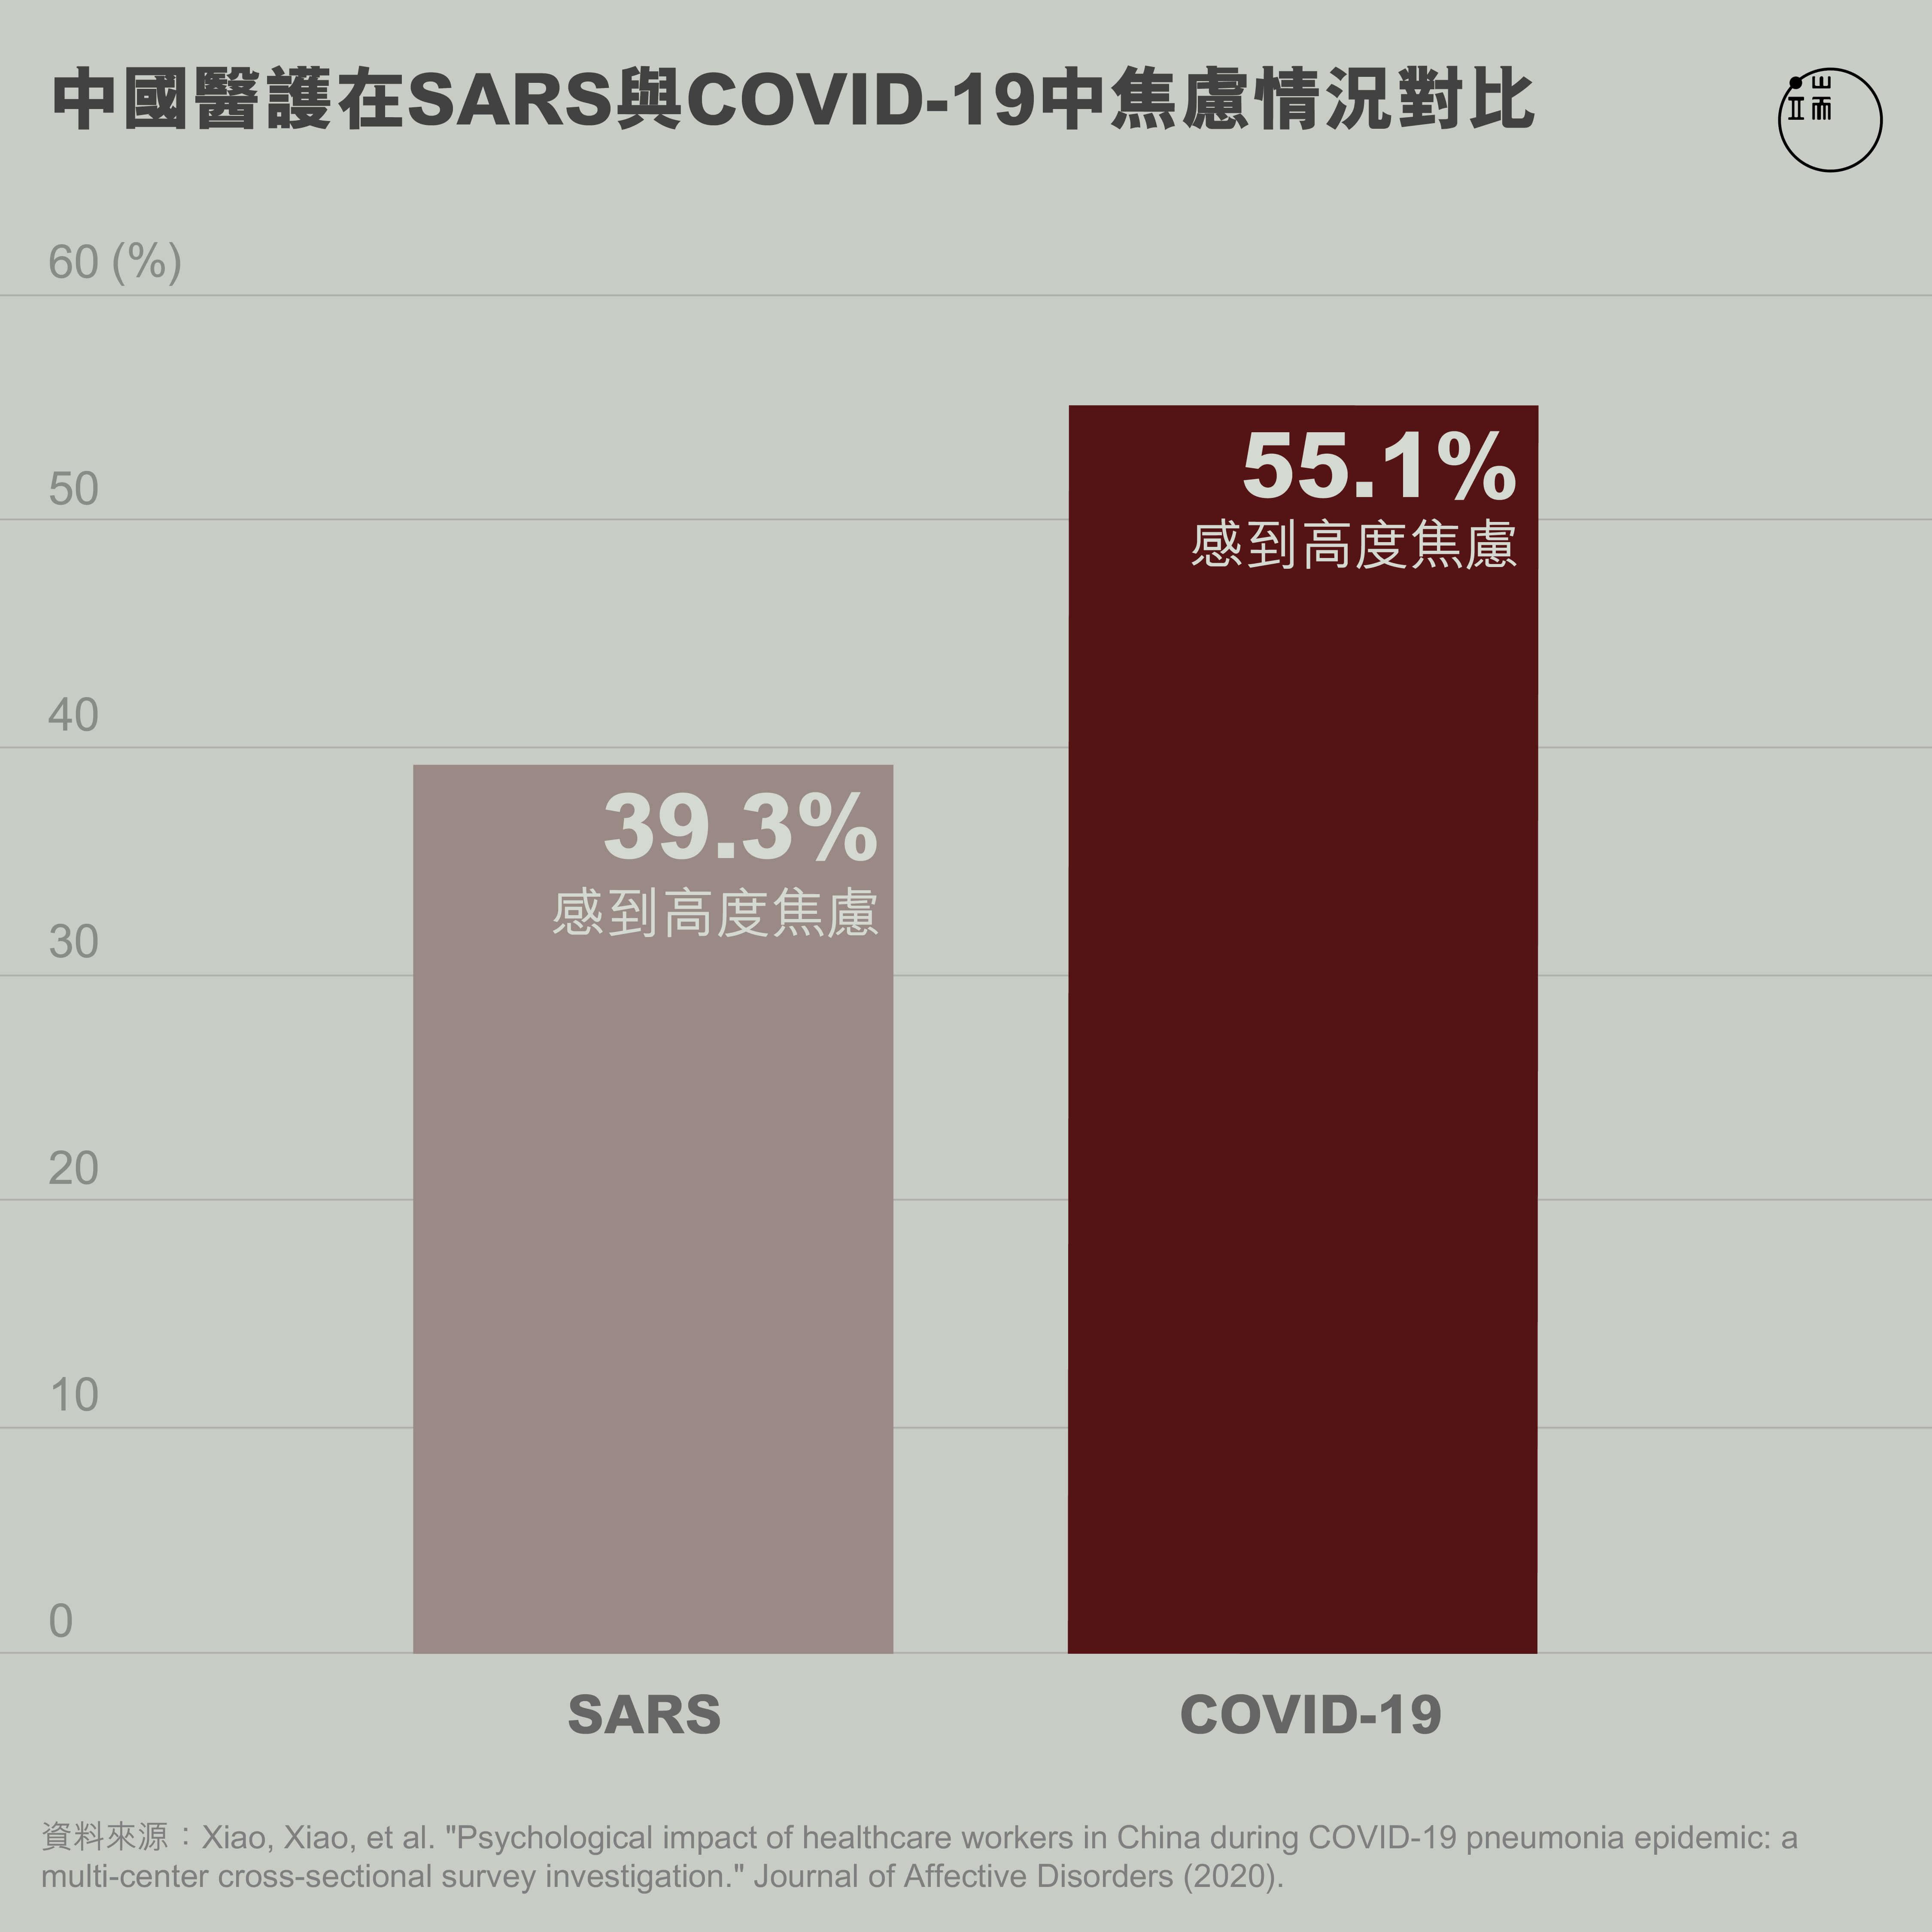 中國醫護在SARS與COVID-19中焦慮情況對比